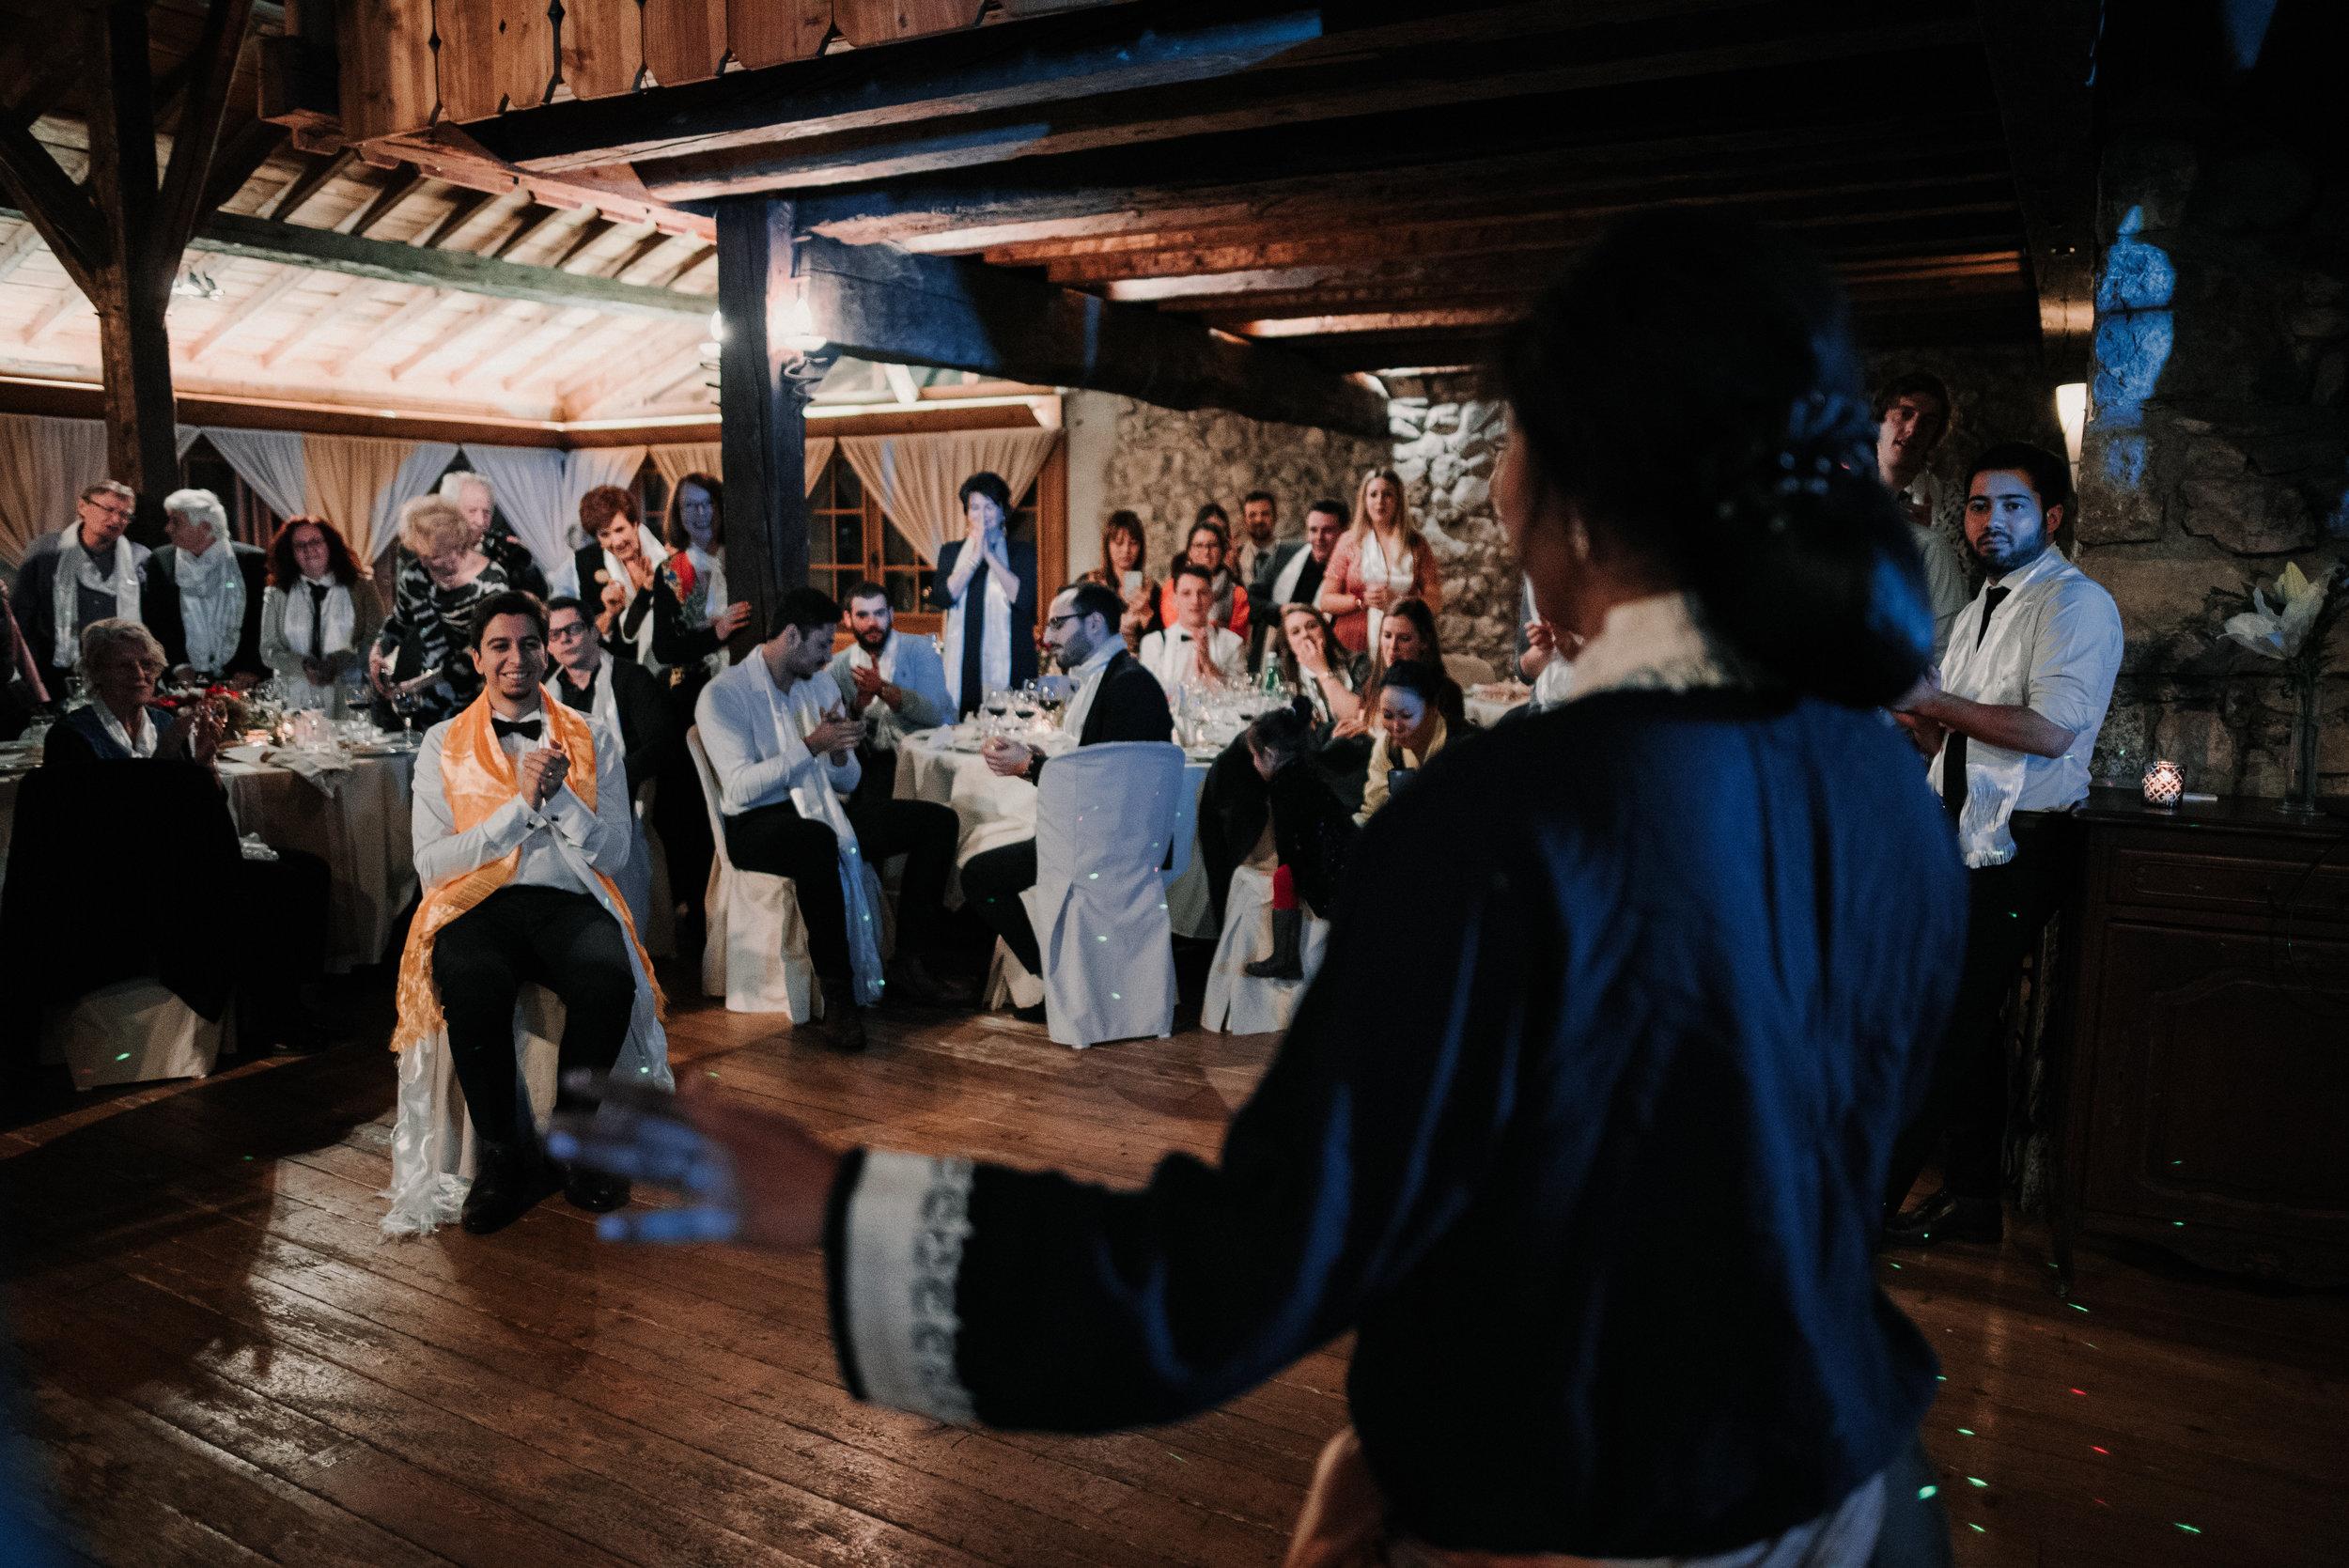 Léa-Fery-photographe-professionnel-lyon-rhone-alpes-portrait-creation-mariage-evenement-evenementiel-famille-7576.jpg